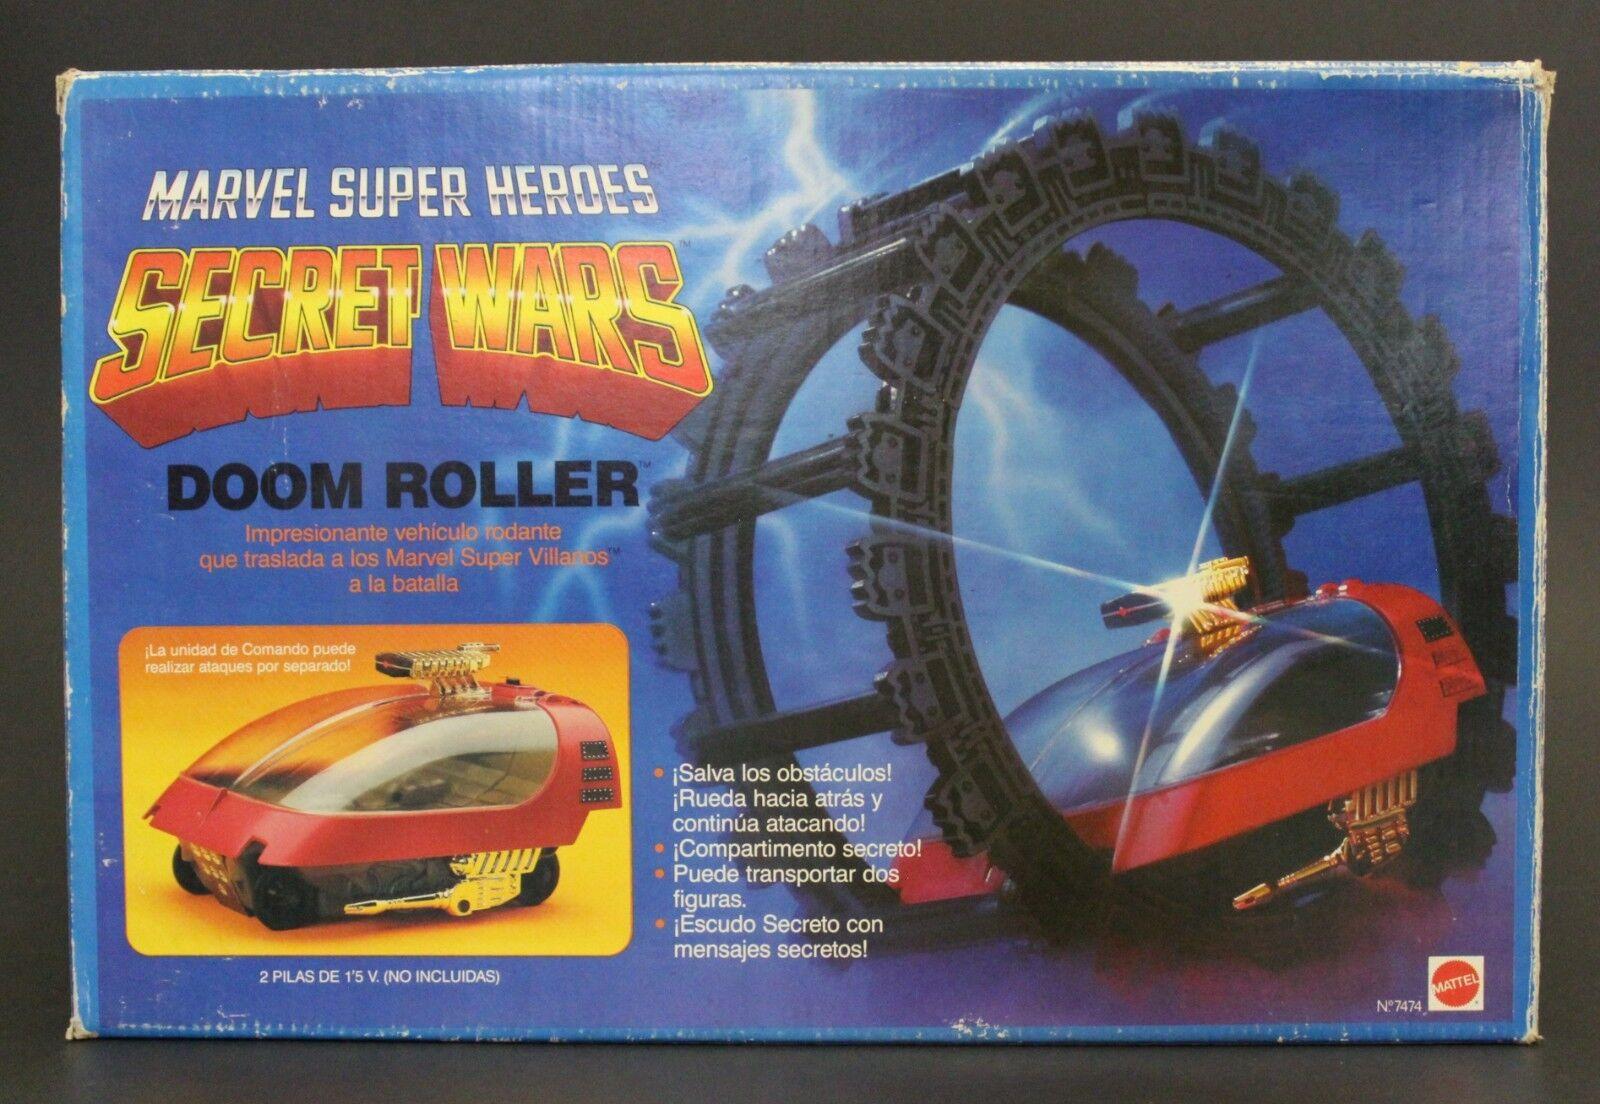 1984 Mattel   Congost MARVEL  SECRET guerras DOOM ROLLER w  Spanish vintage scatola nuovo  prezzo ragionevole